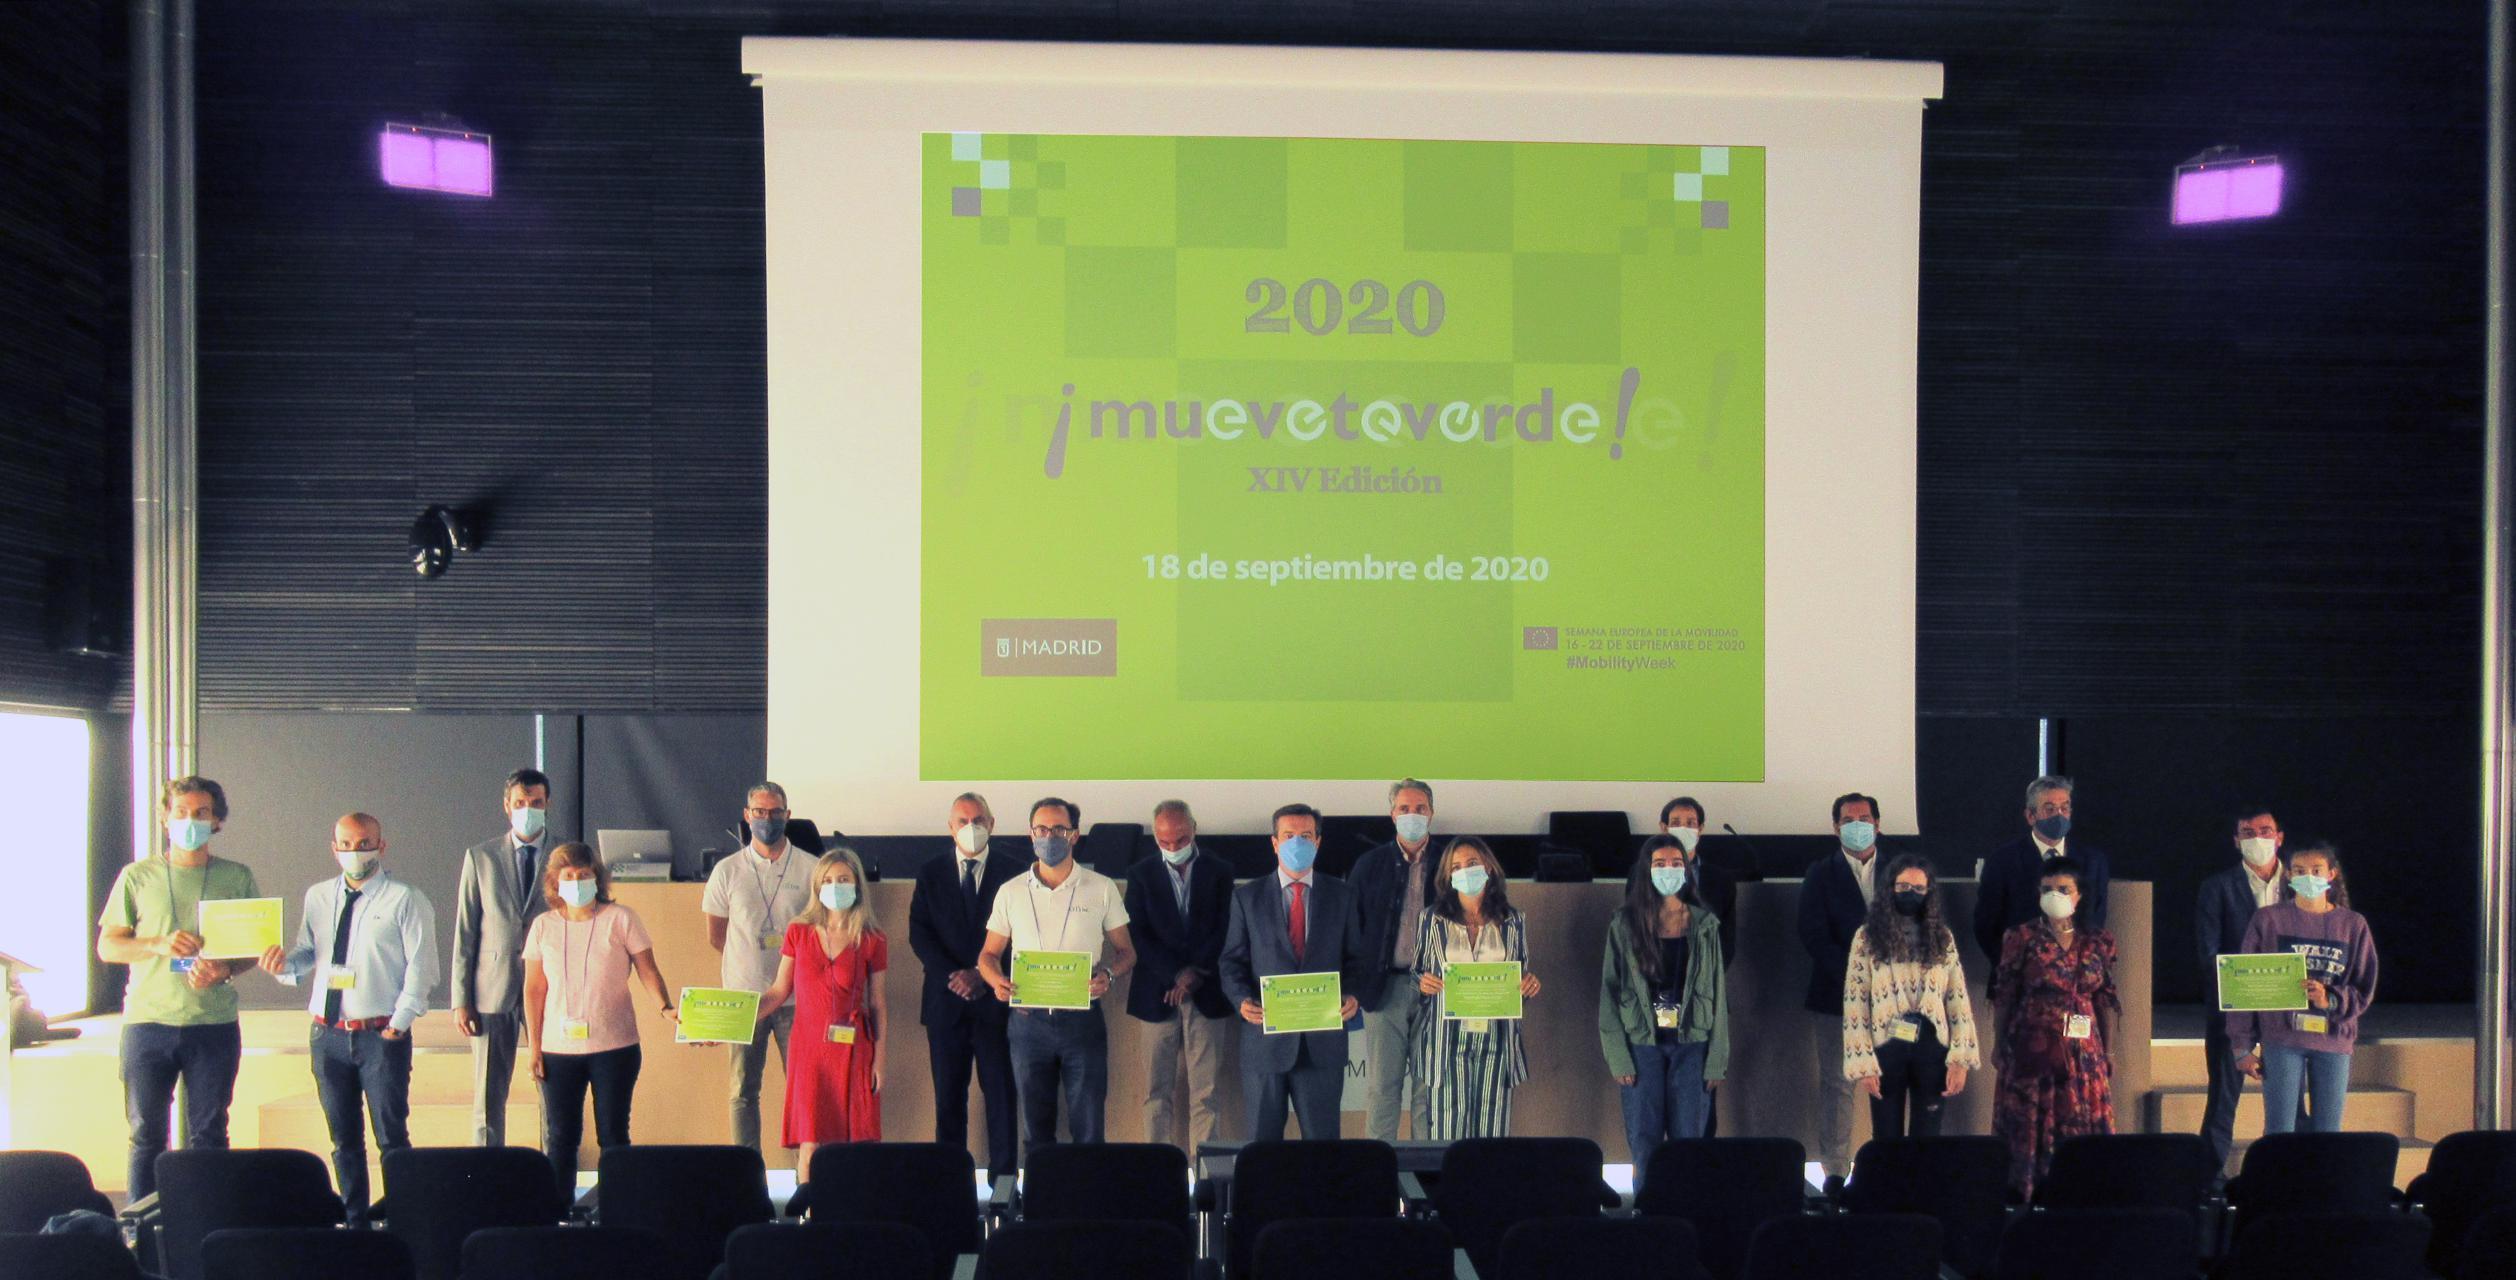 El Ayuntamiento concede a IFEMA el premio 'Muévete verde' a la eficiencia energética